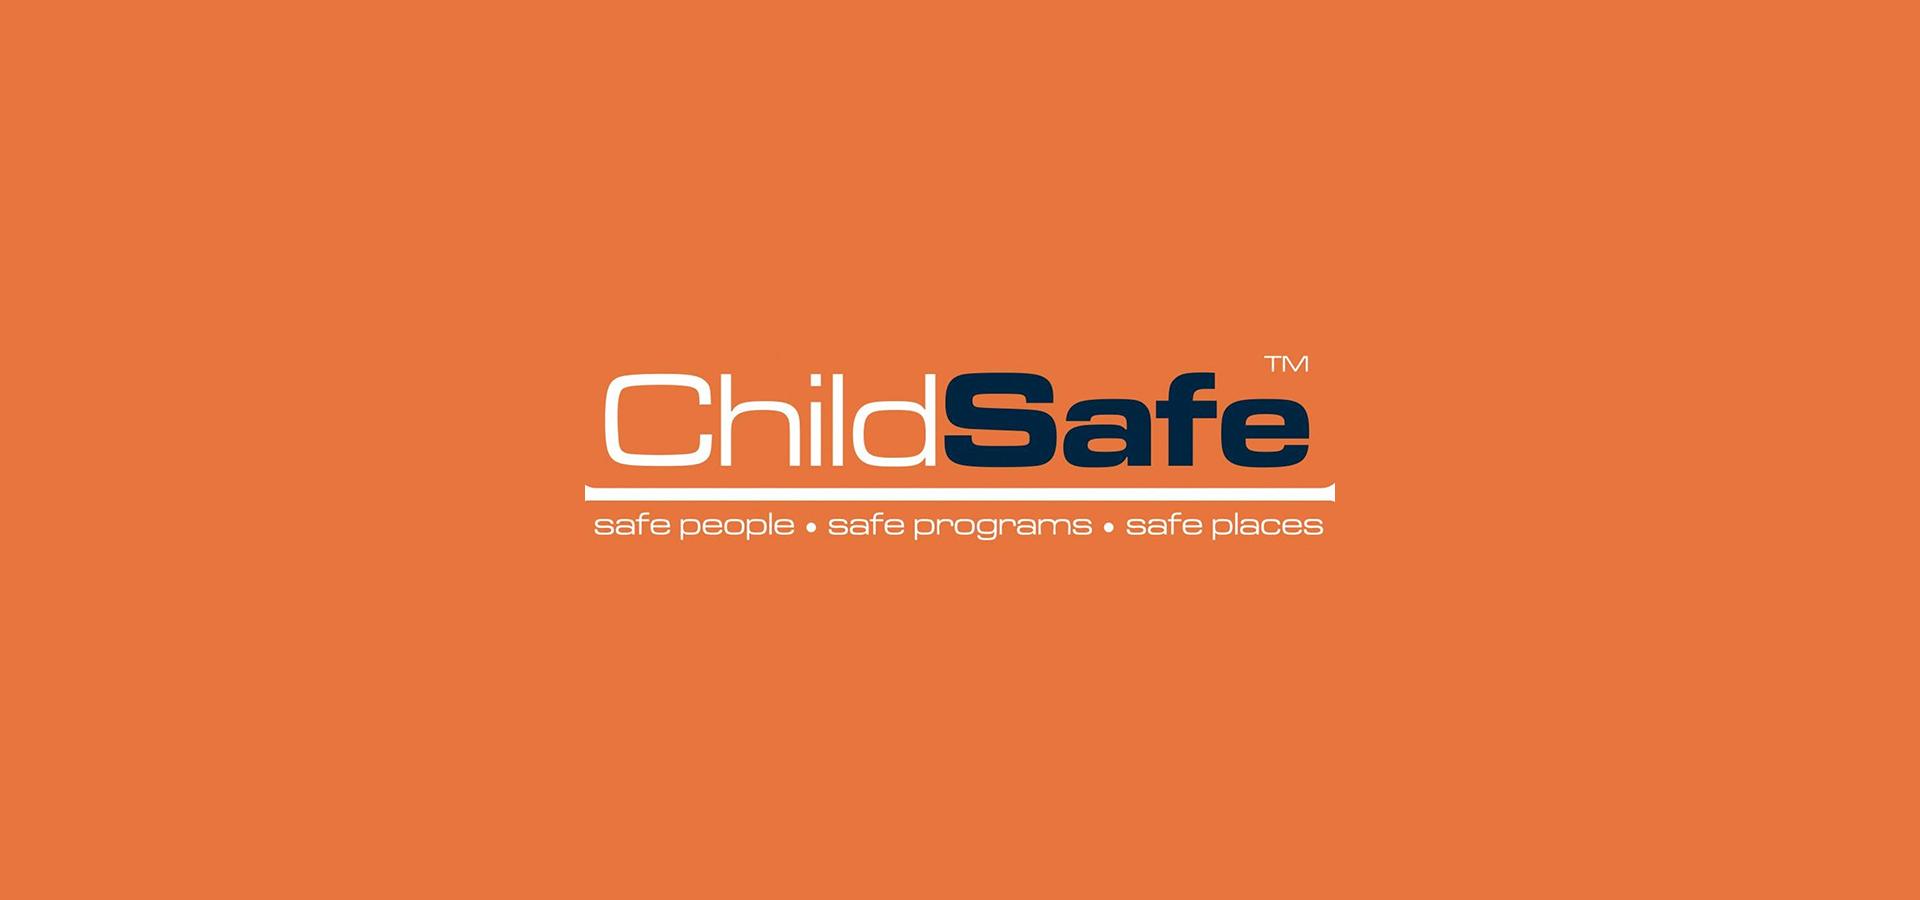 Child Safe header image